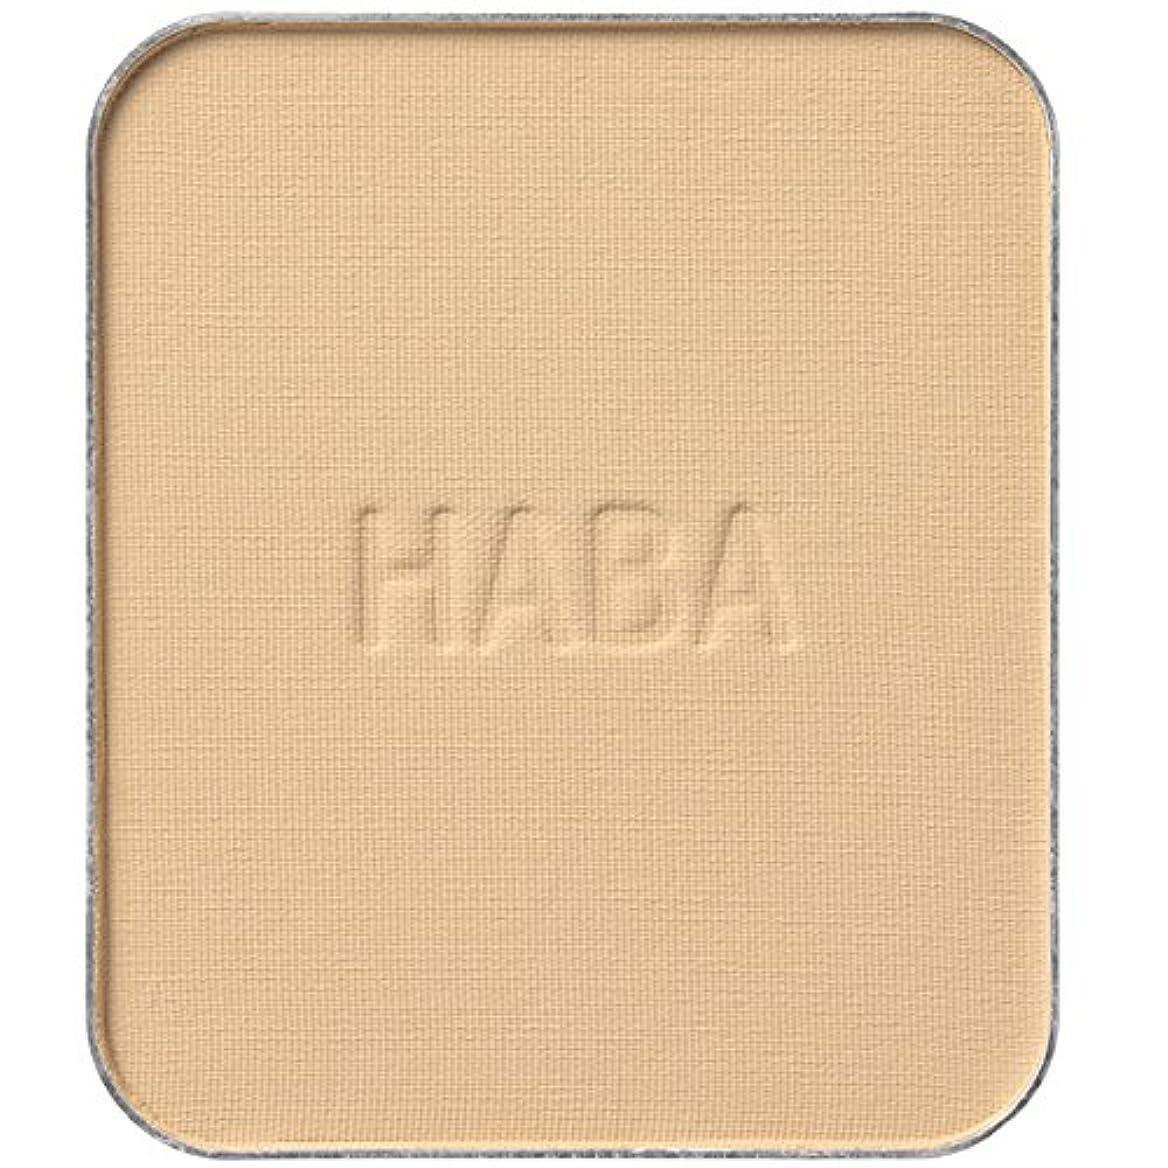 ゴミ箱を空にする粗い着るハーバー ミネラルパウダリーファンデーション/詰替用  オークル02 9g